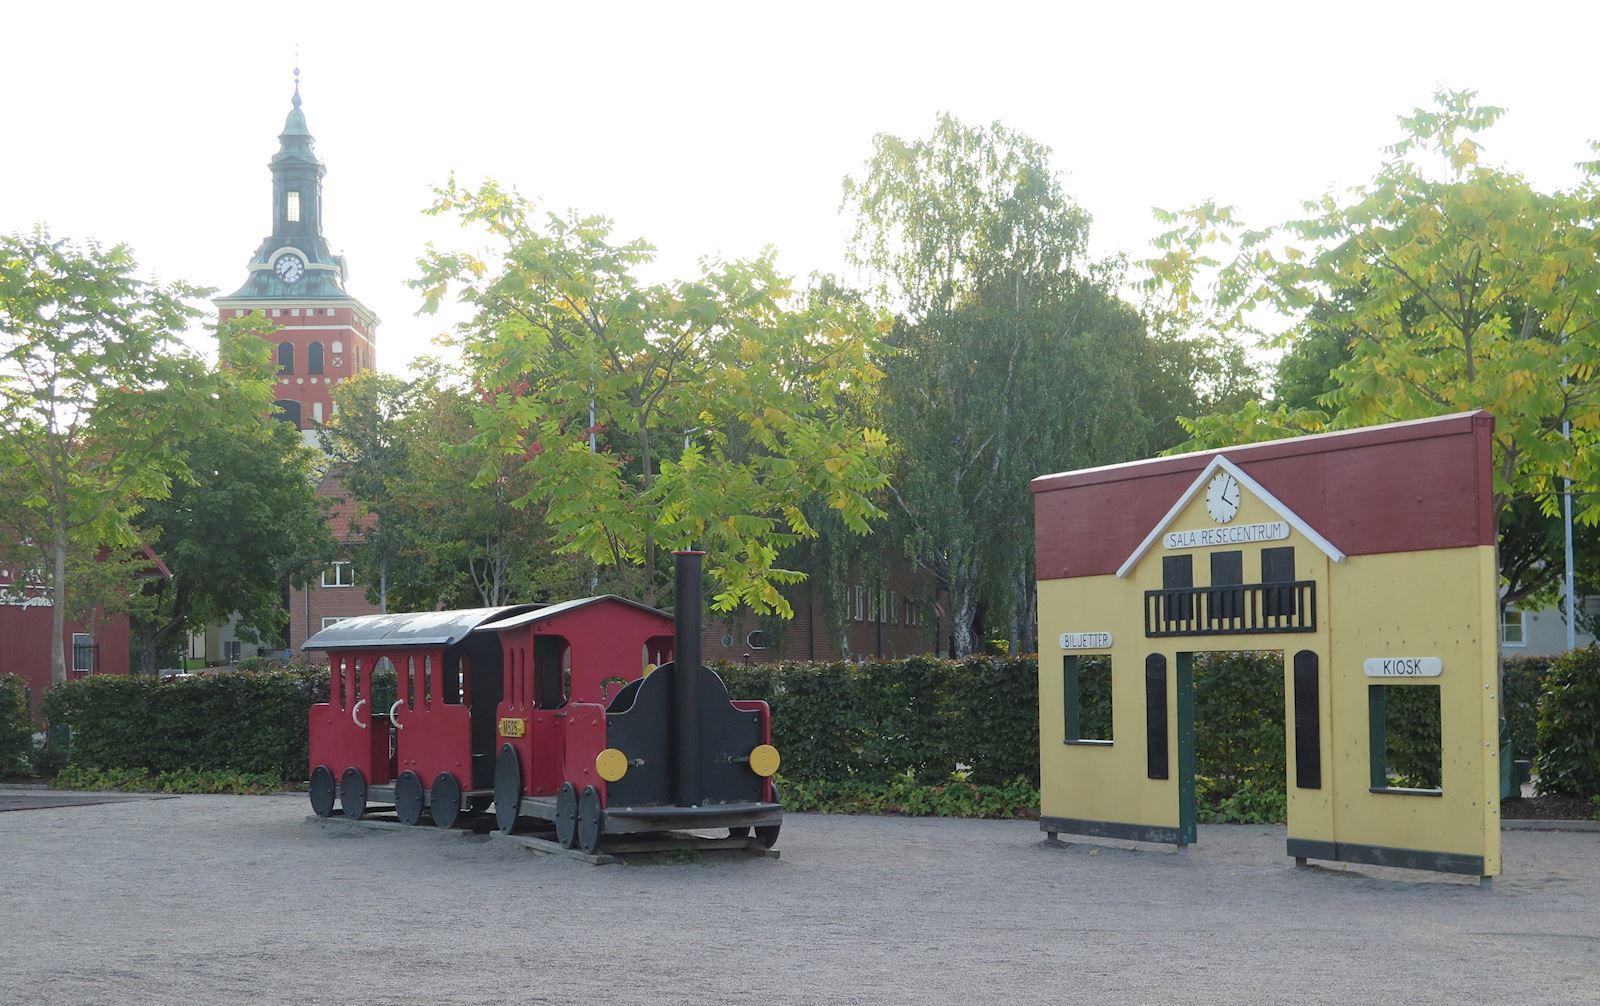 Bild från Stora lekplatsen i Stadsparken. På bilden syns en liten järnvägsstation.